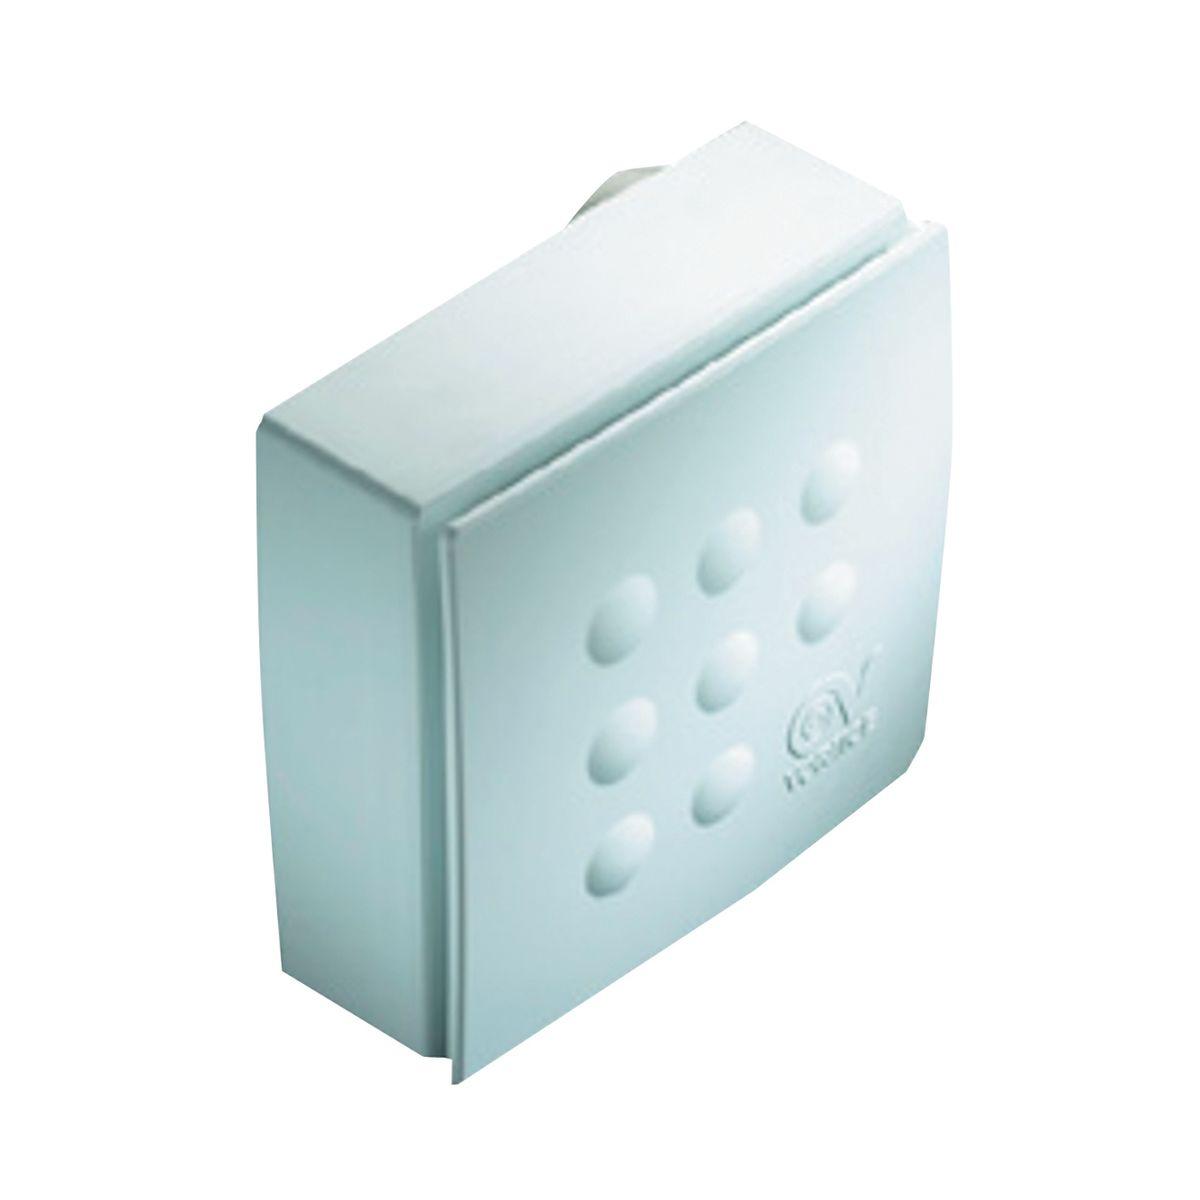 Aspiratore centrifugo Vortice Micro 80 Ø 80 mm: prezzi e offerte ...